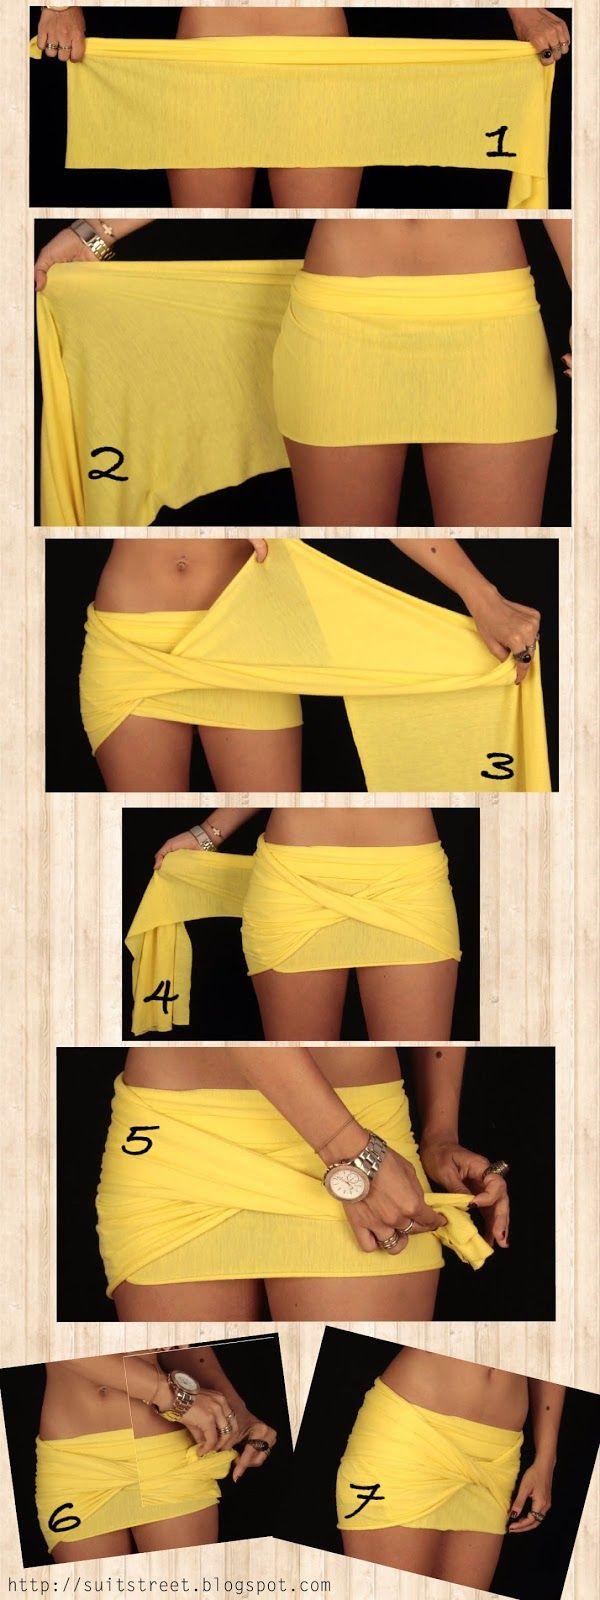 Suit Street: DIY Wrap Skirt... i mean definitely a bit longer though. this is a bit scandalous